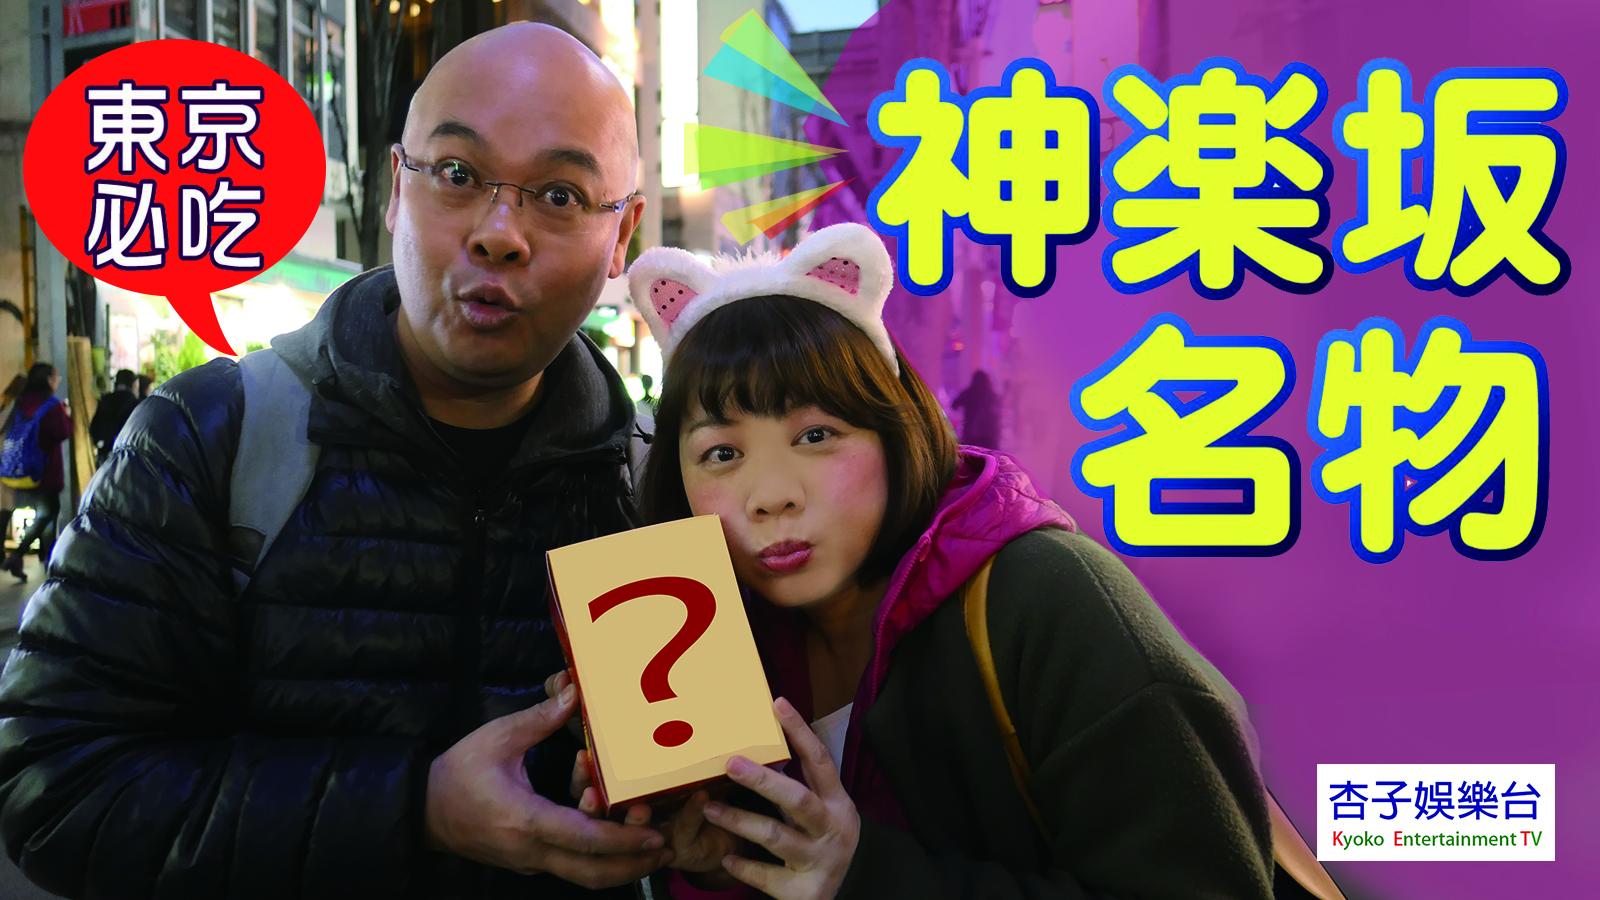 東京美食 | 神樂坂名物・不二家PEKO醬人形燒